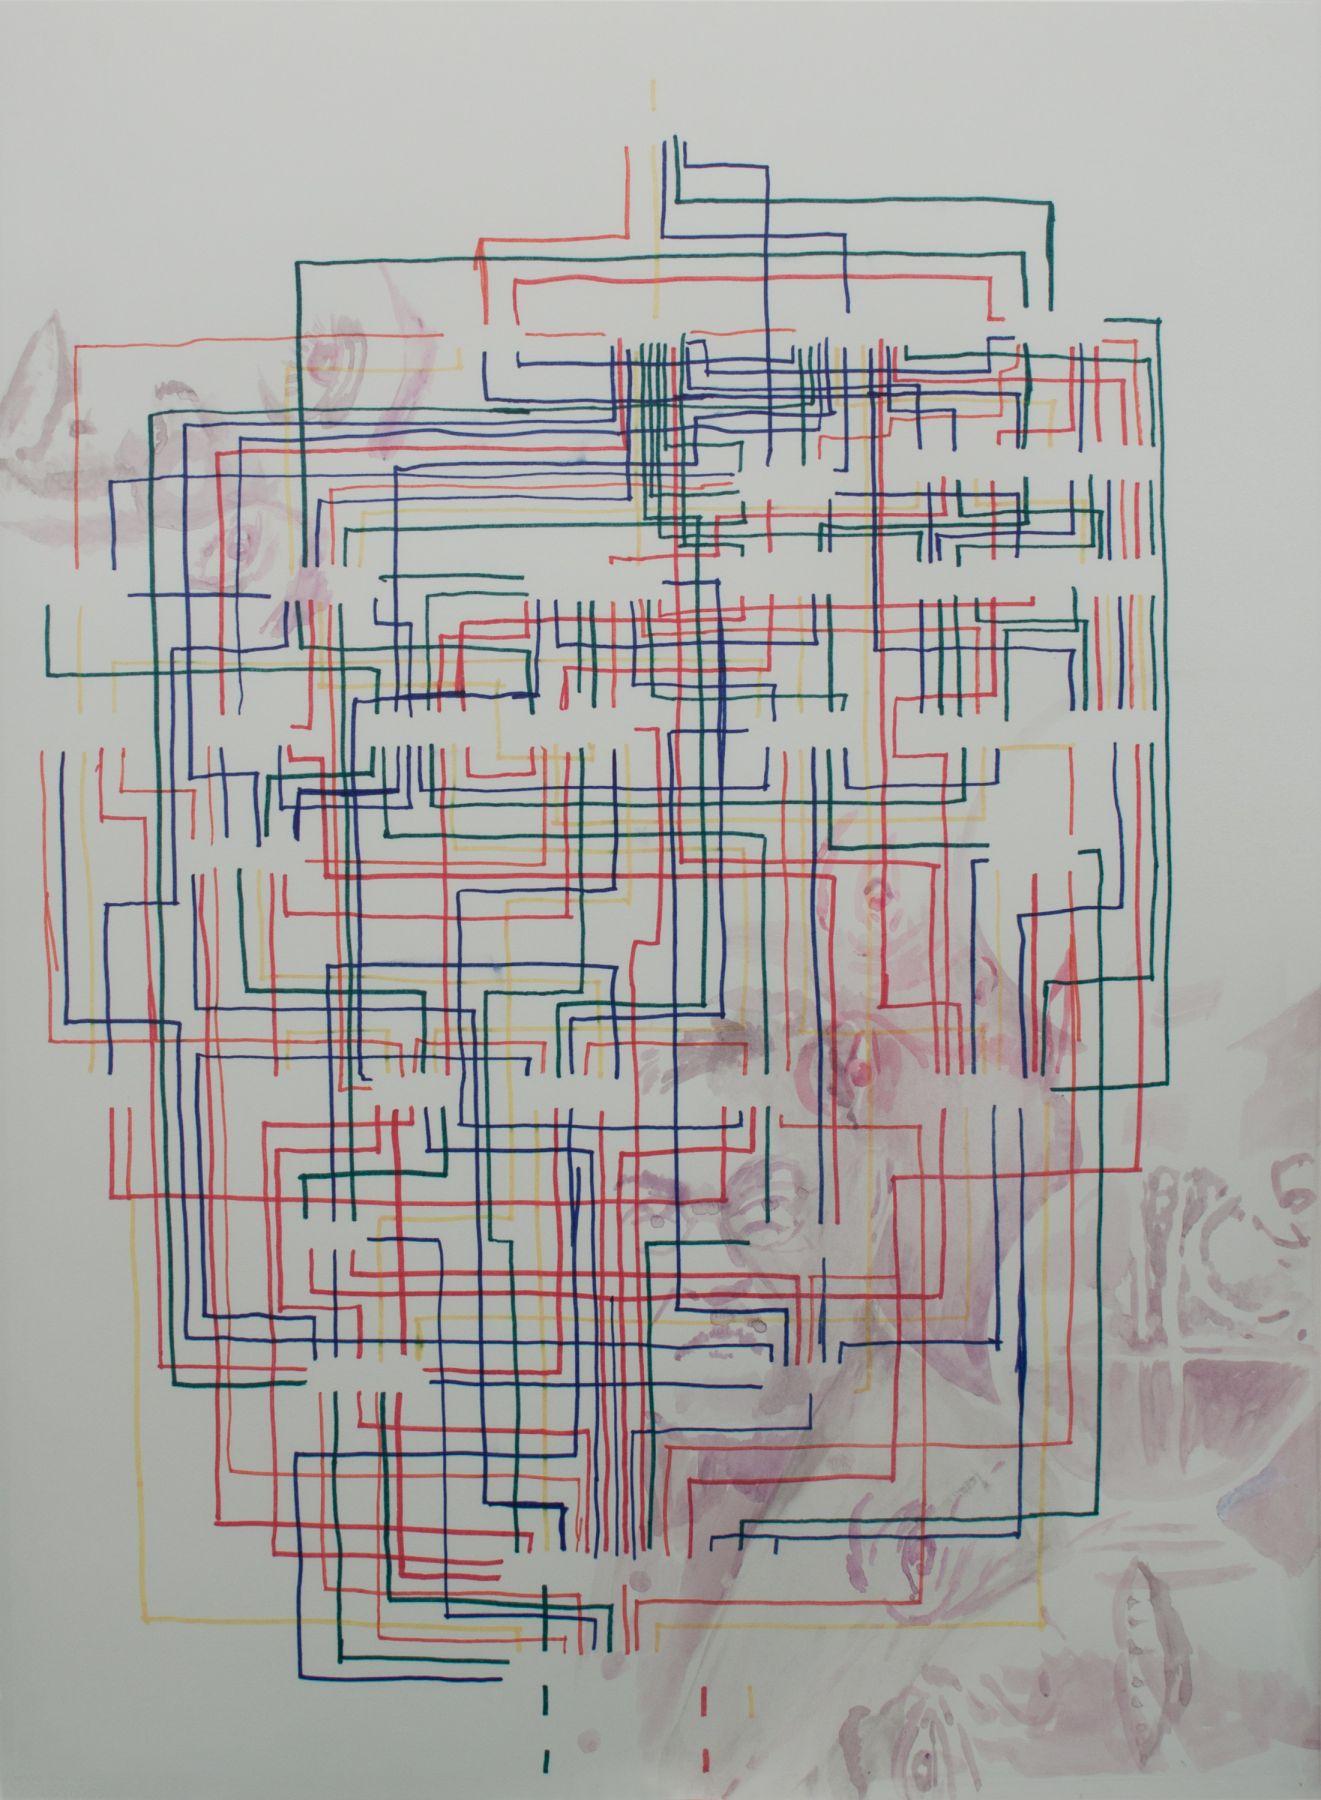 TONY OURSLER, Friends, Friends, Friends, 2002